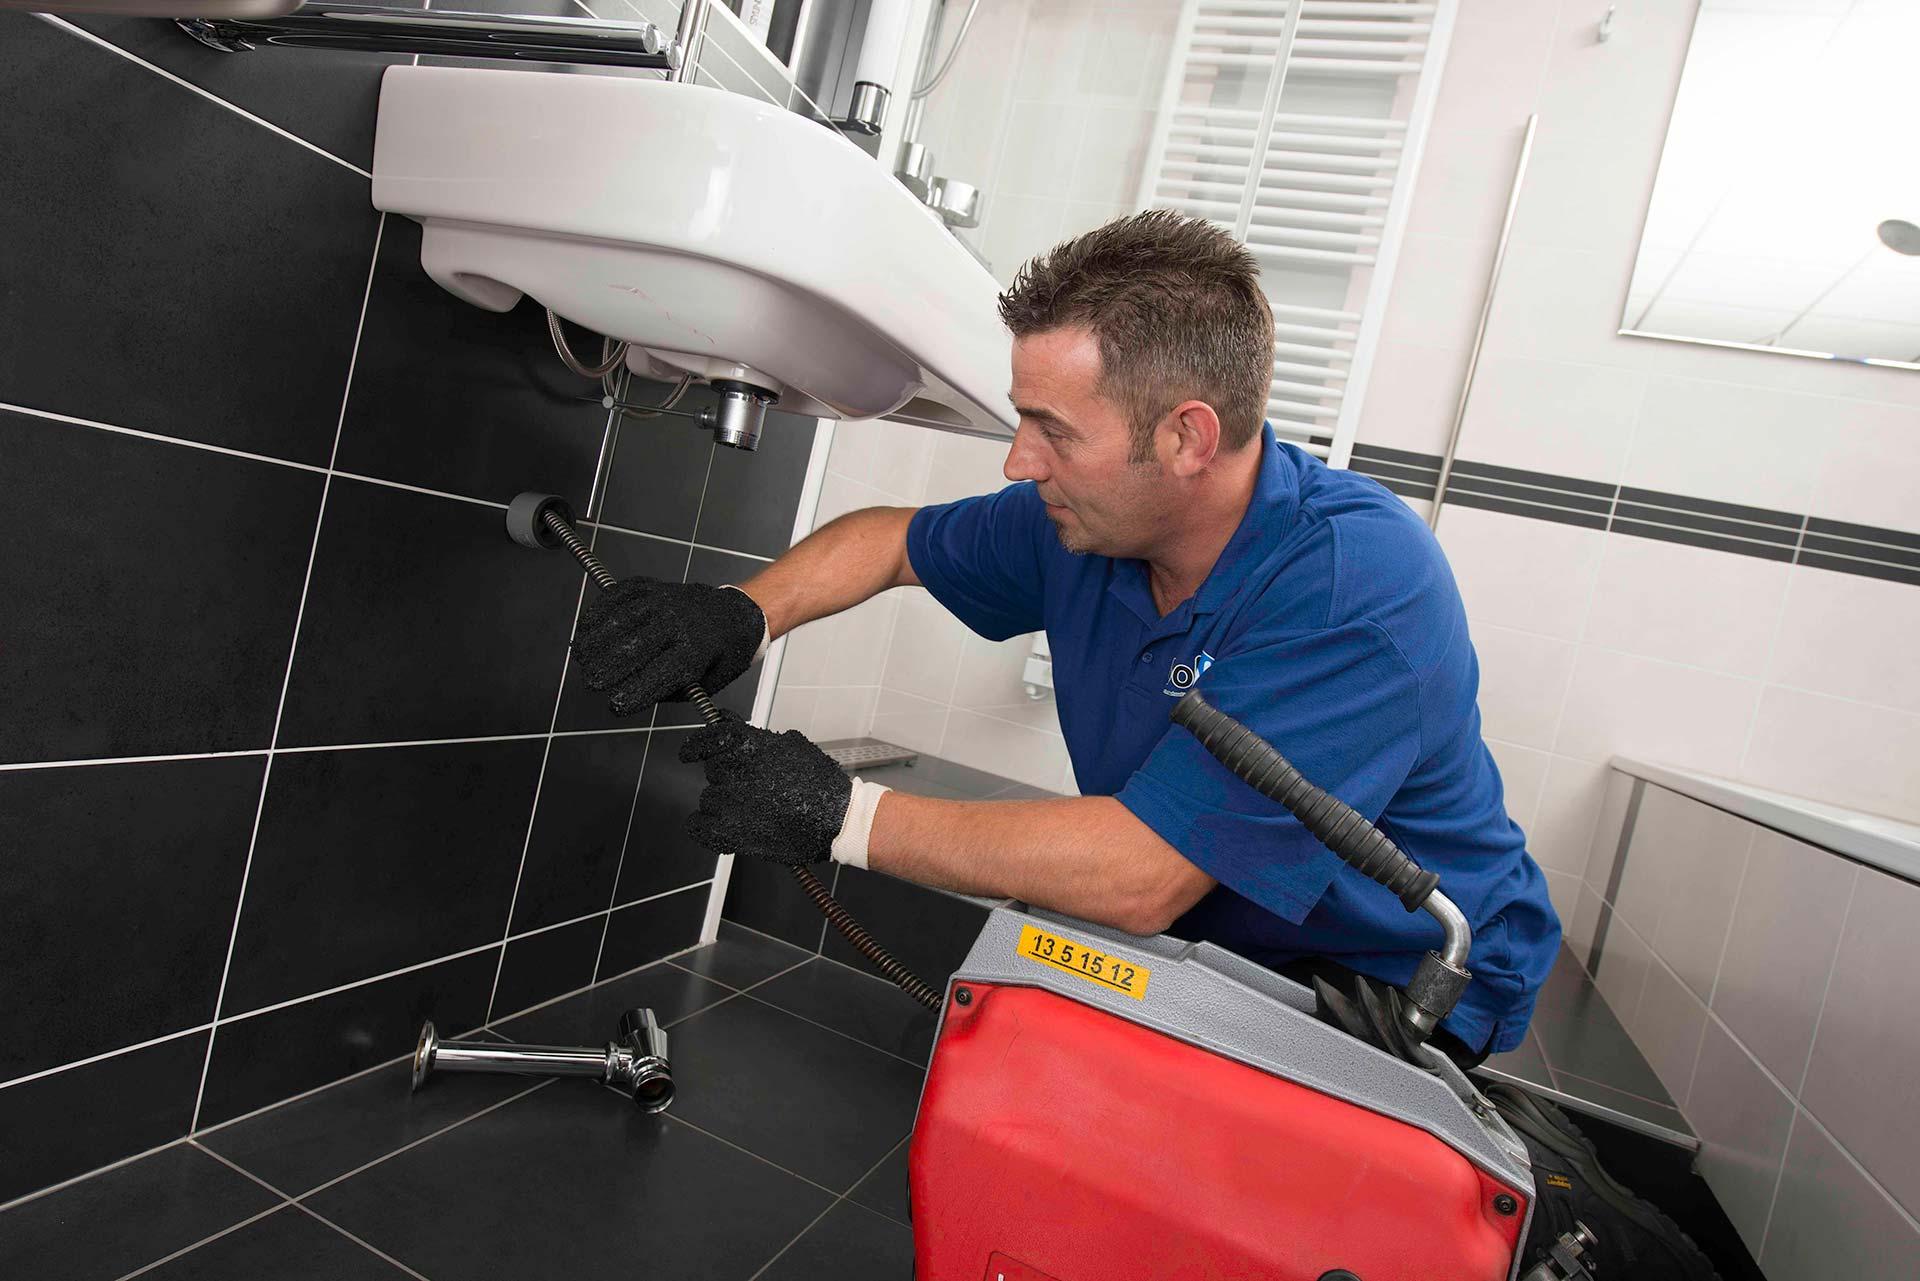 Чем прочистить сливную трубу или как промыть засор канализации в домашних условиях